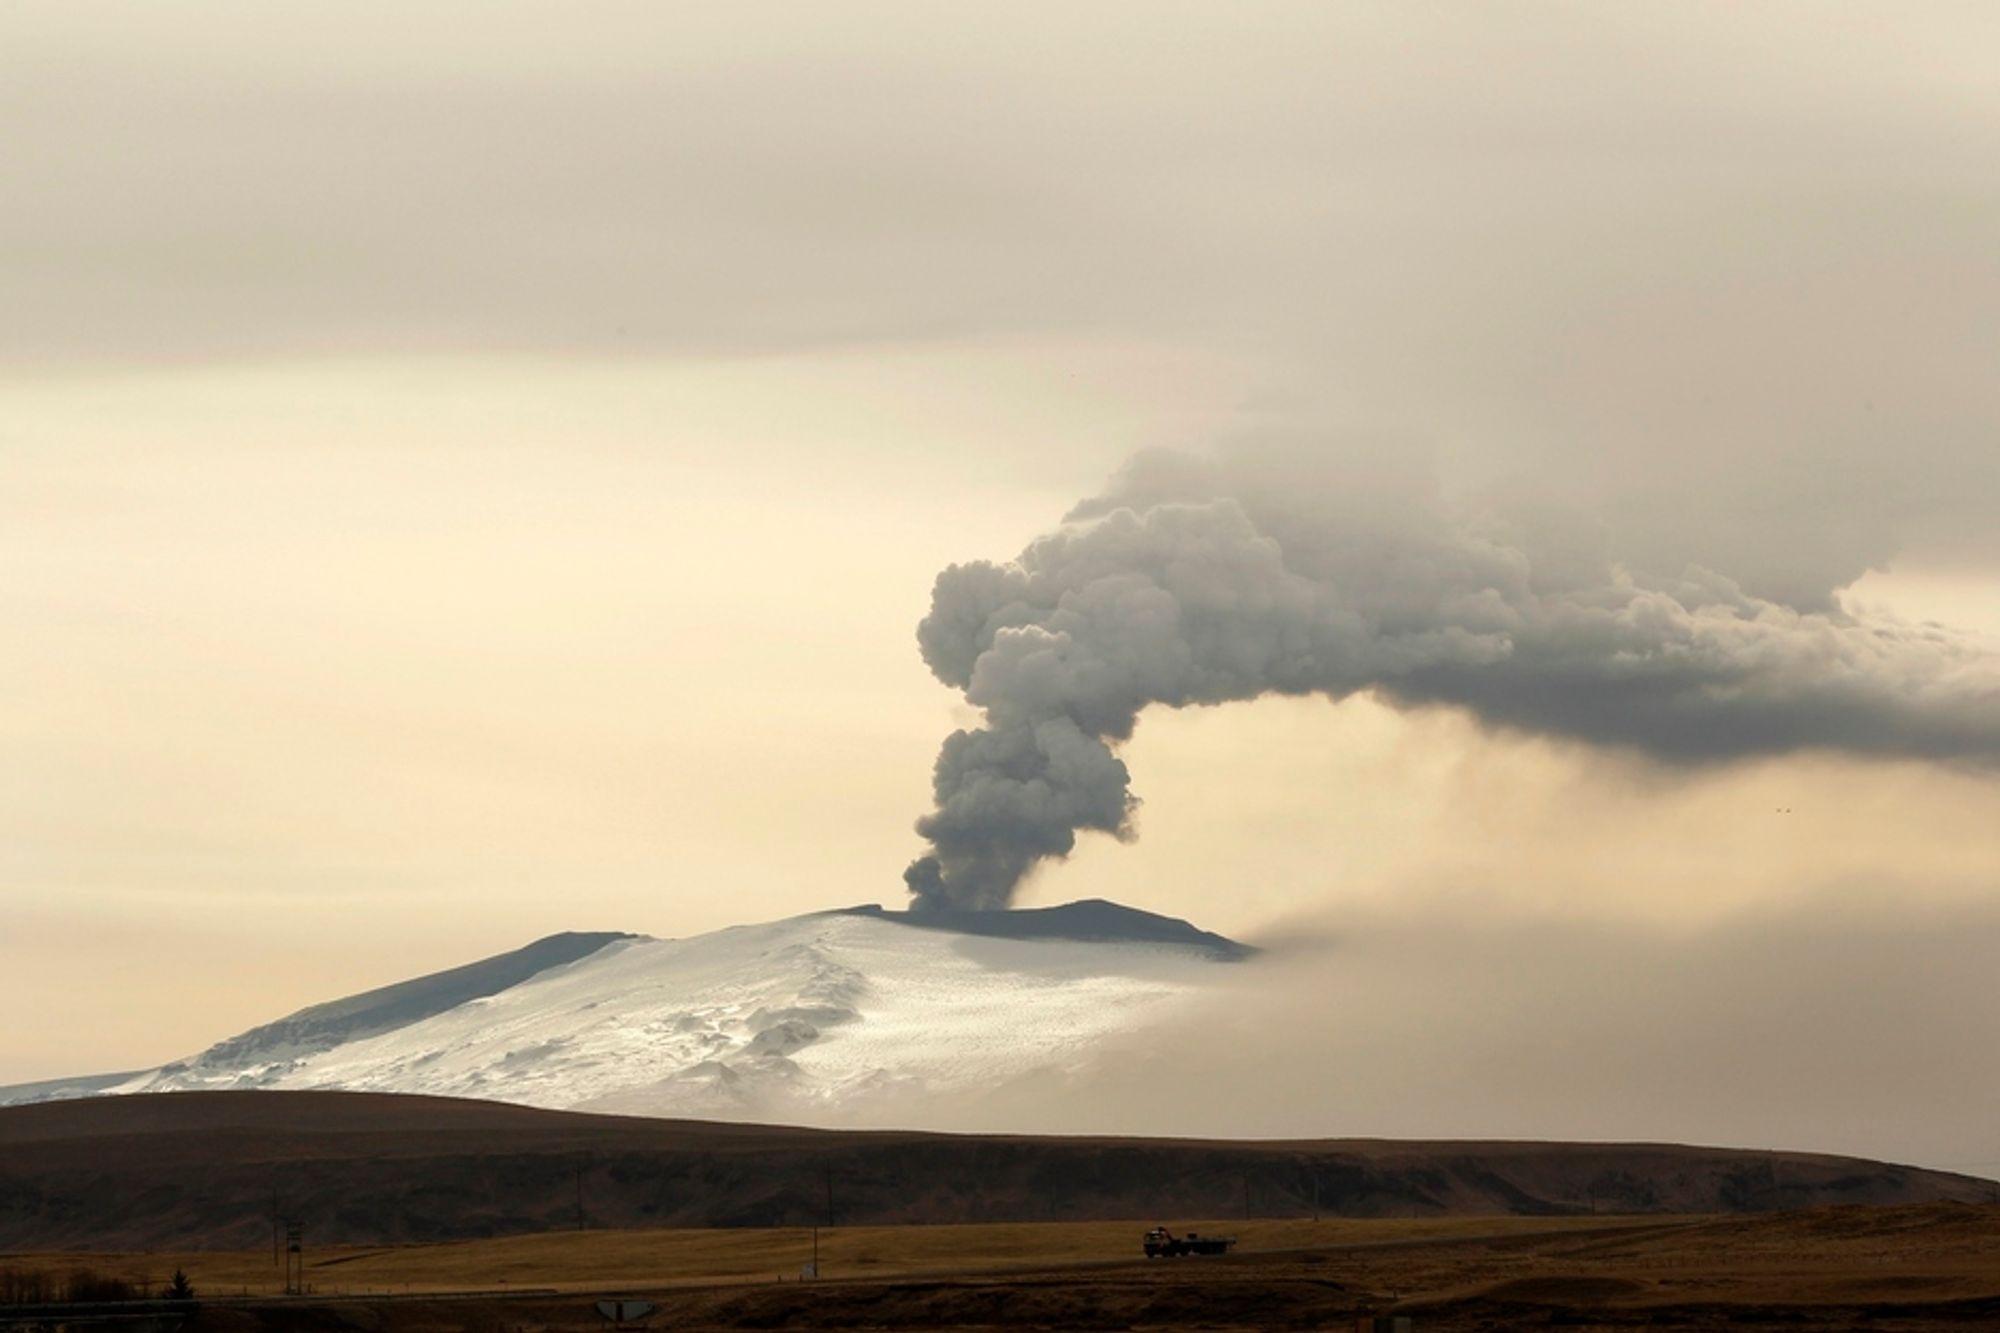 Asken etter vulkanutbruddet på Island (bildet) har igjen lagt seg over vestkysten av Norge og fører til nye problemer i flytrafikken torsdag morgen.